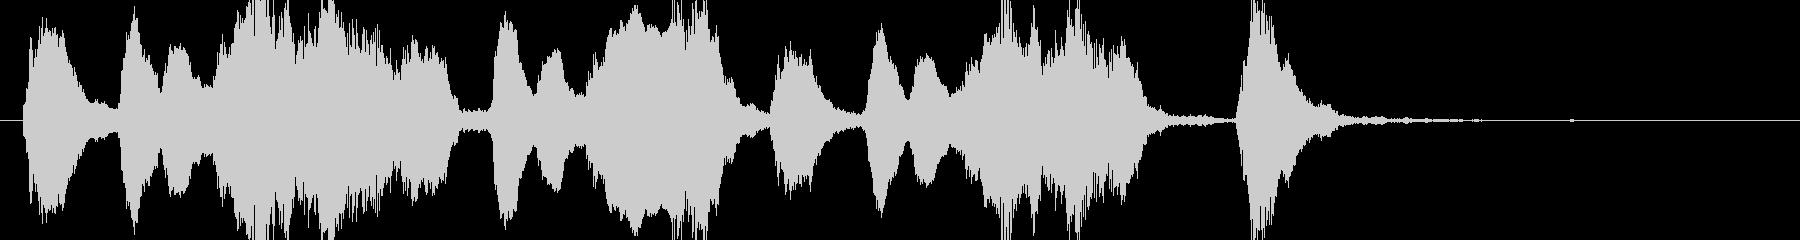 ファゴットの怪しいコミカルなジングルの未再生の波形